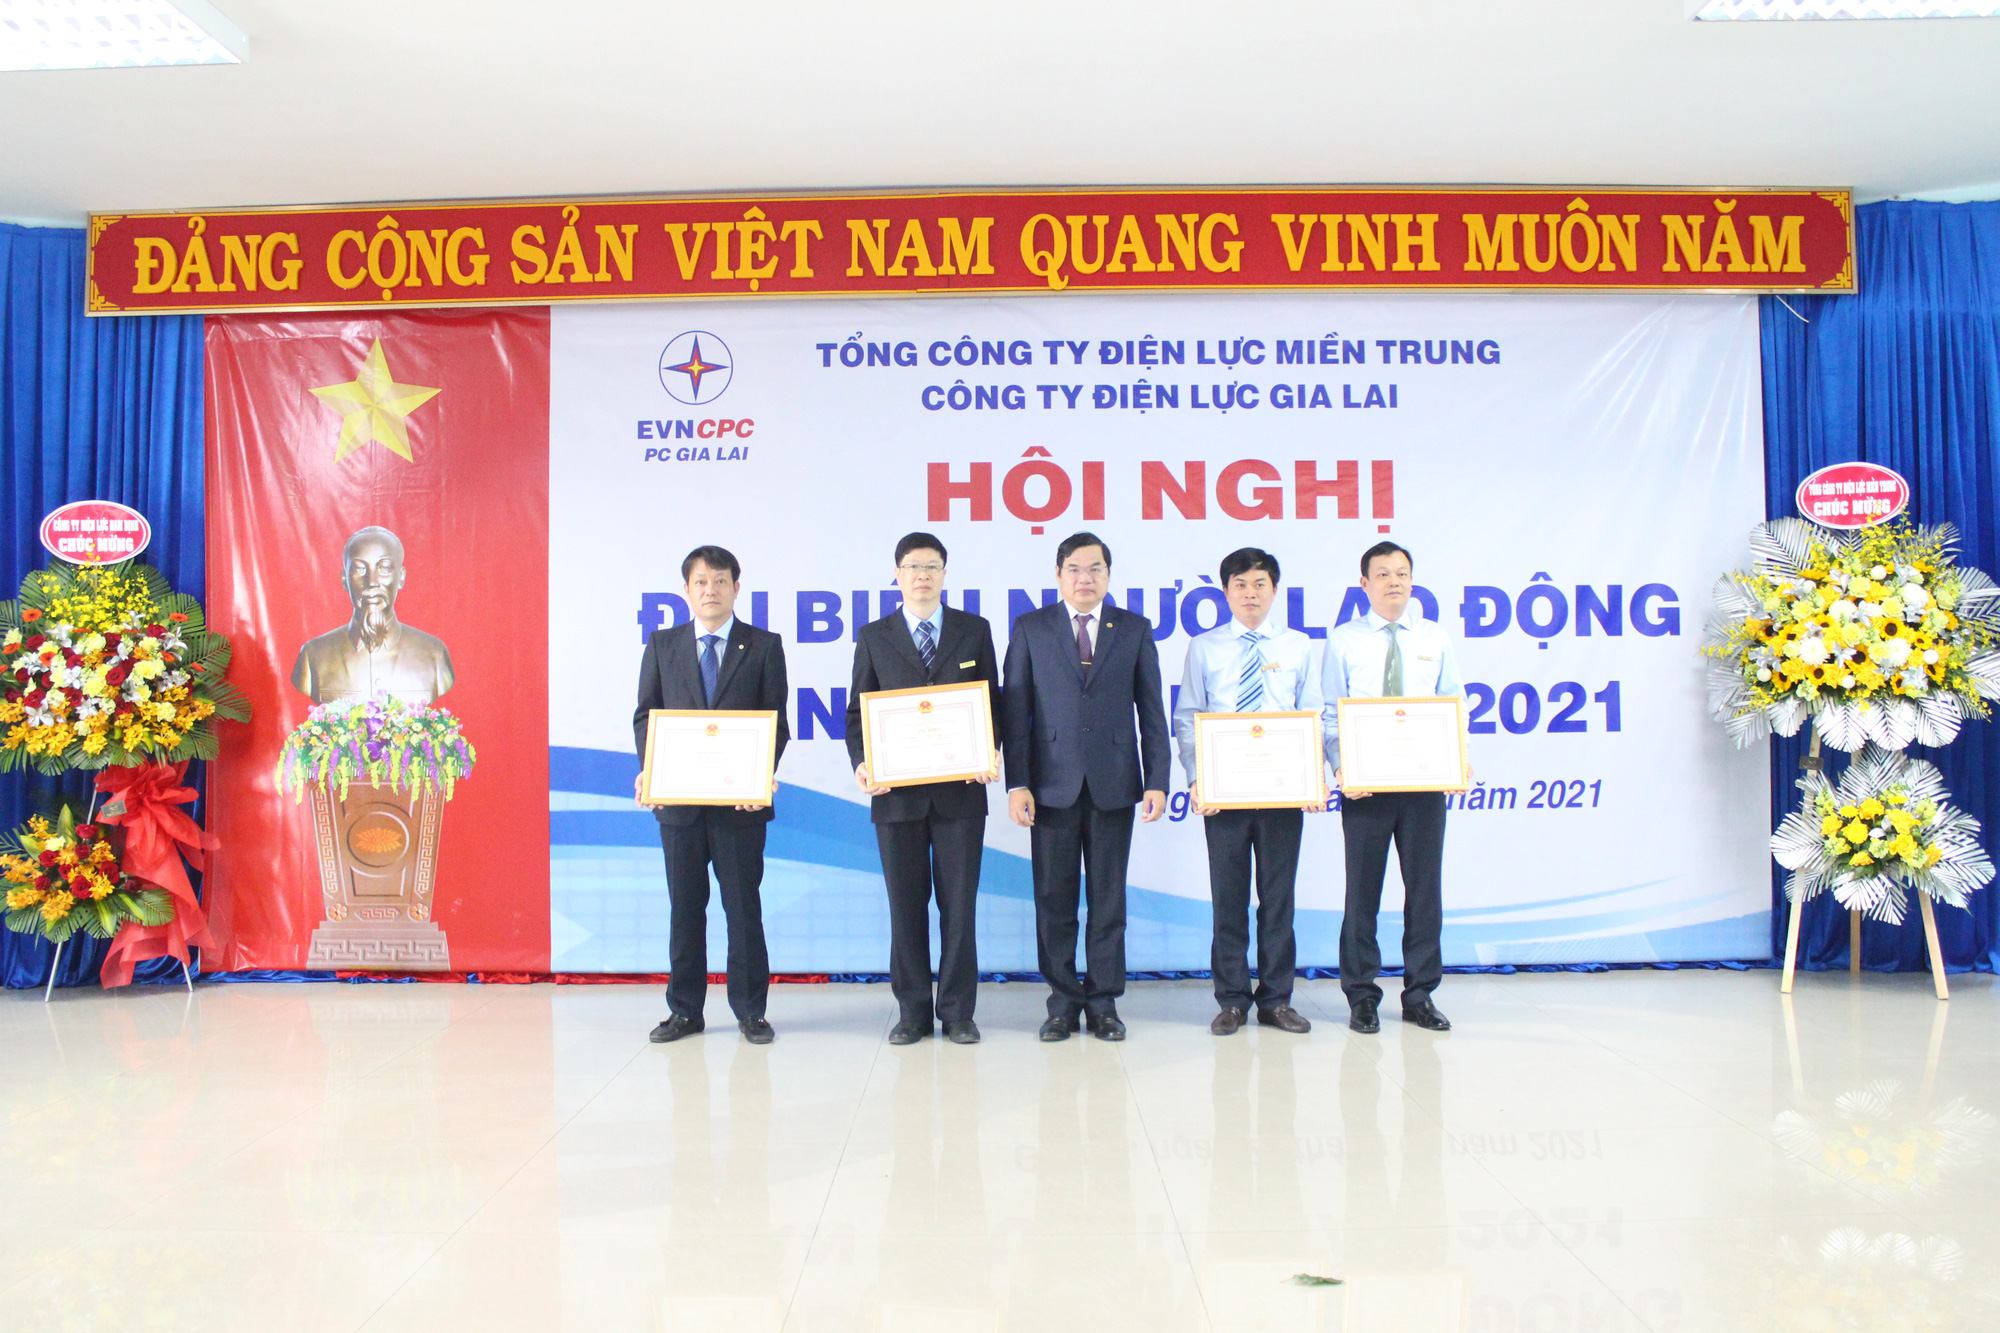 Công ty Điện lực Gia Lai: Tổ chức Hội nghị đại biểu người lao động và triển khai nhiệm vụ năm 2021 - Ảnh 1.